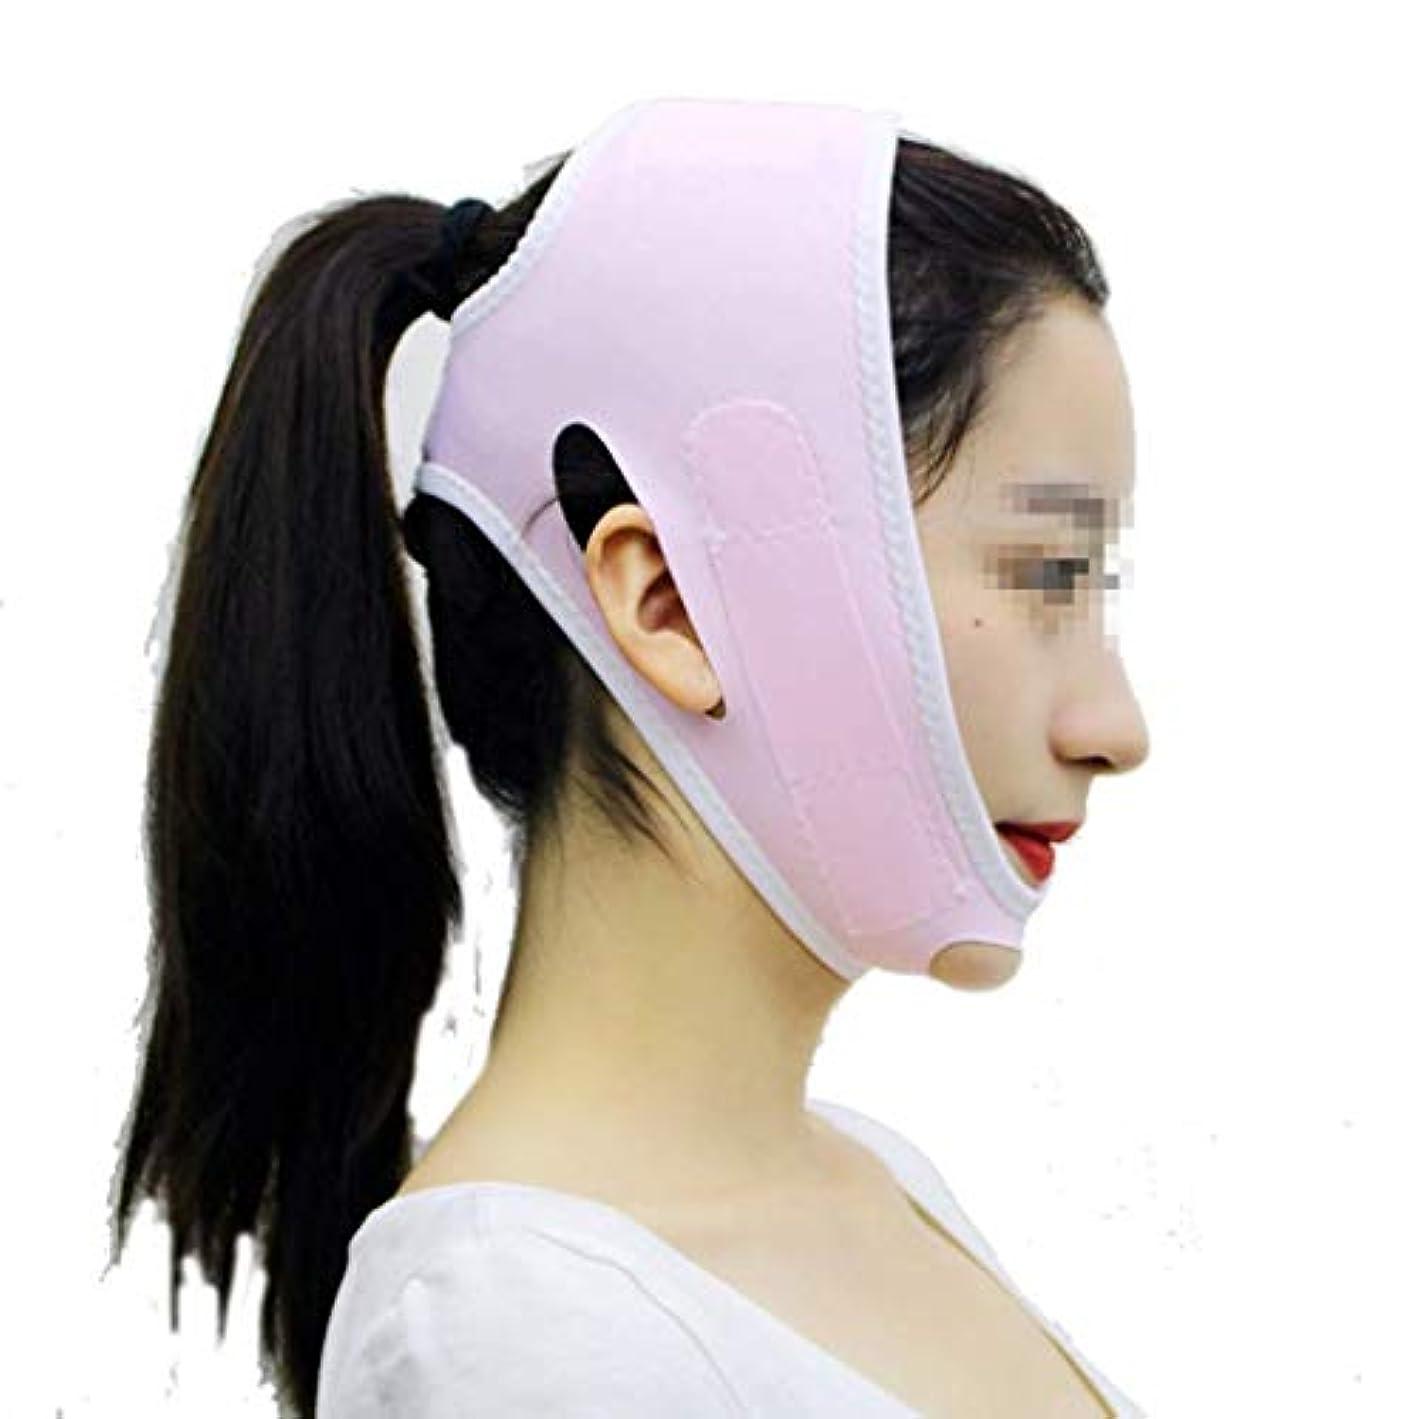 メカニック対話ために美容包帯、Vフェイス睡眠薄いフェイスマスクライン彫刻回復フードリフティング引き締めフェイスダブルチンマスクマルチカラーオプション(カラー:ピンク),ピンク